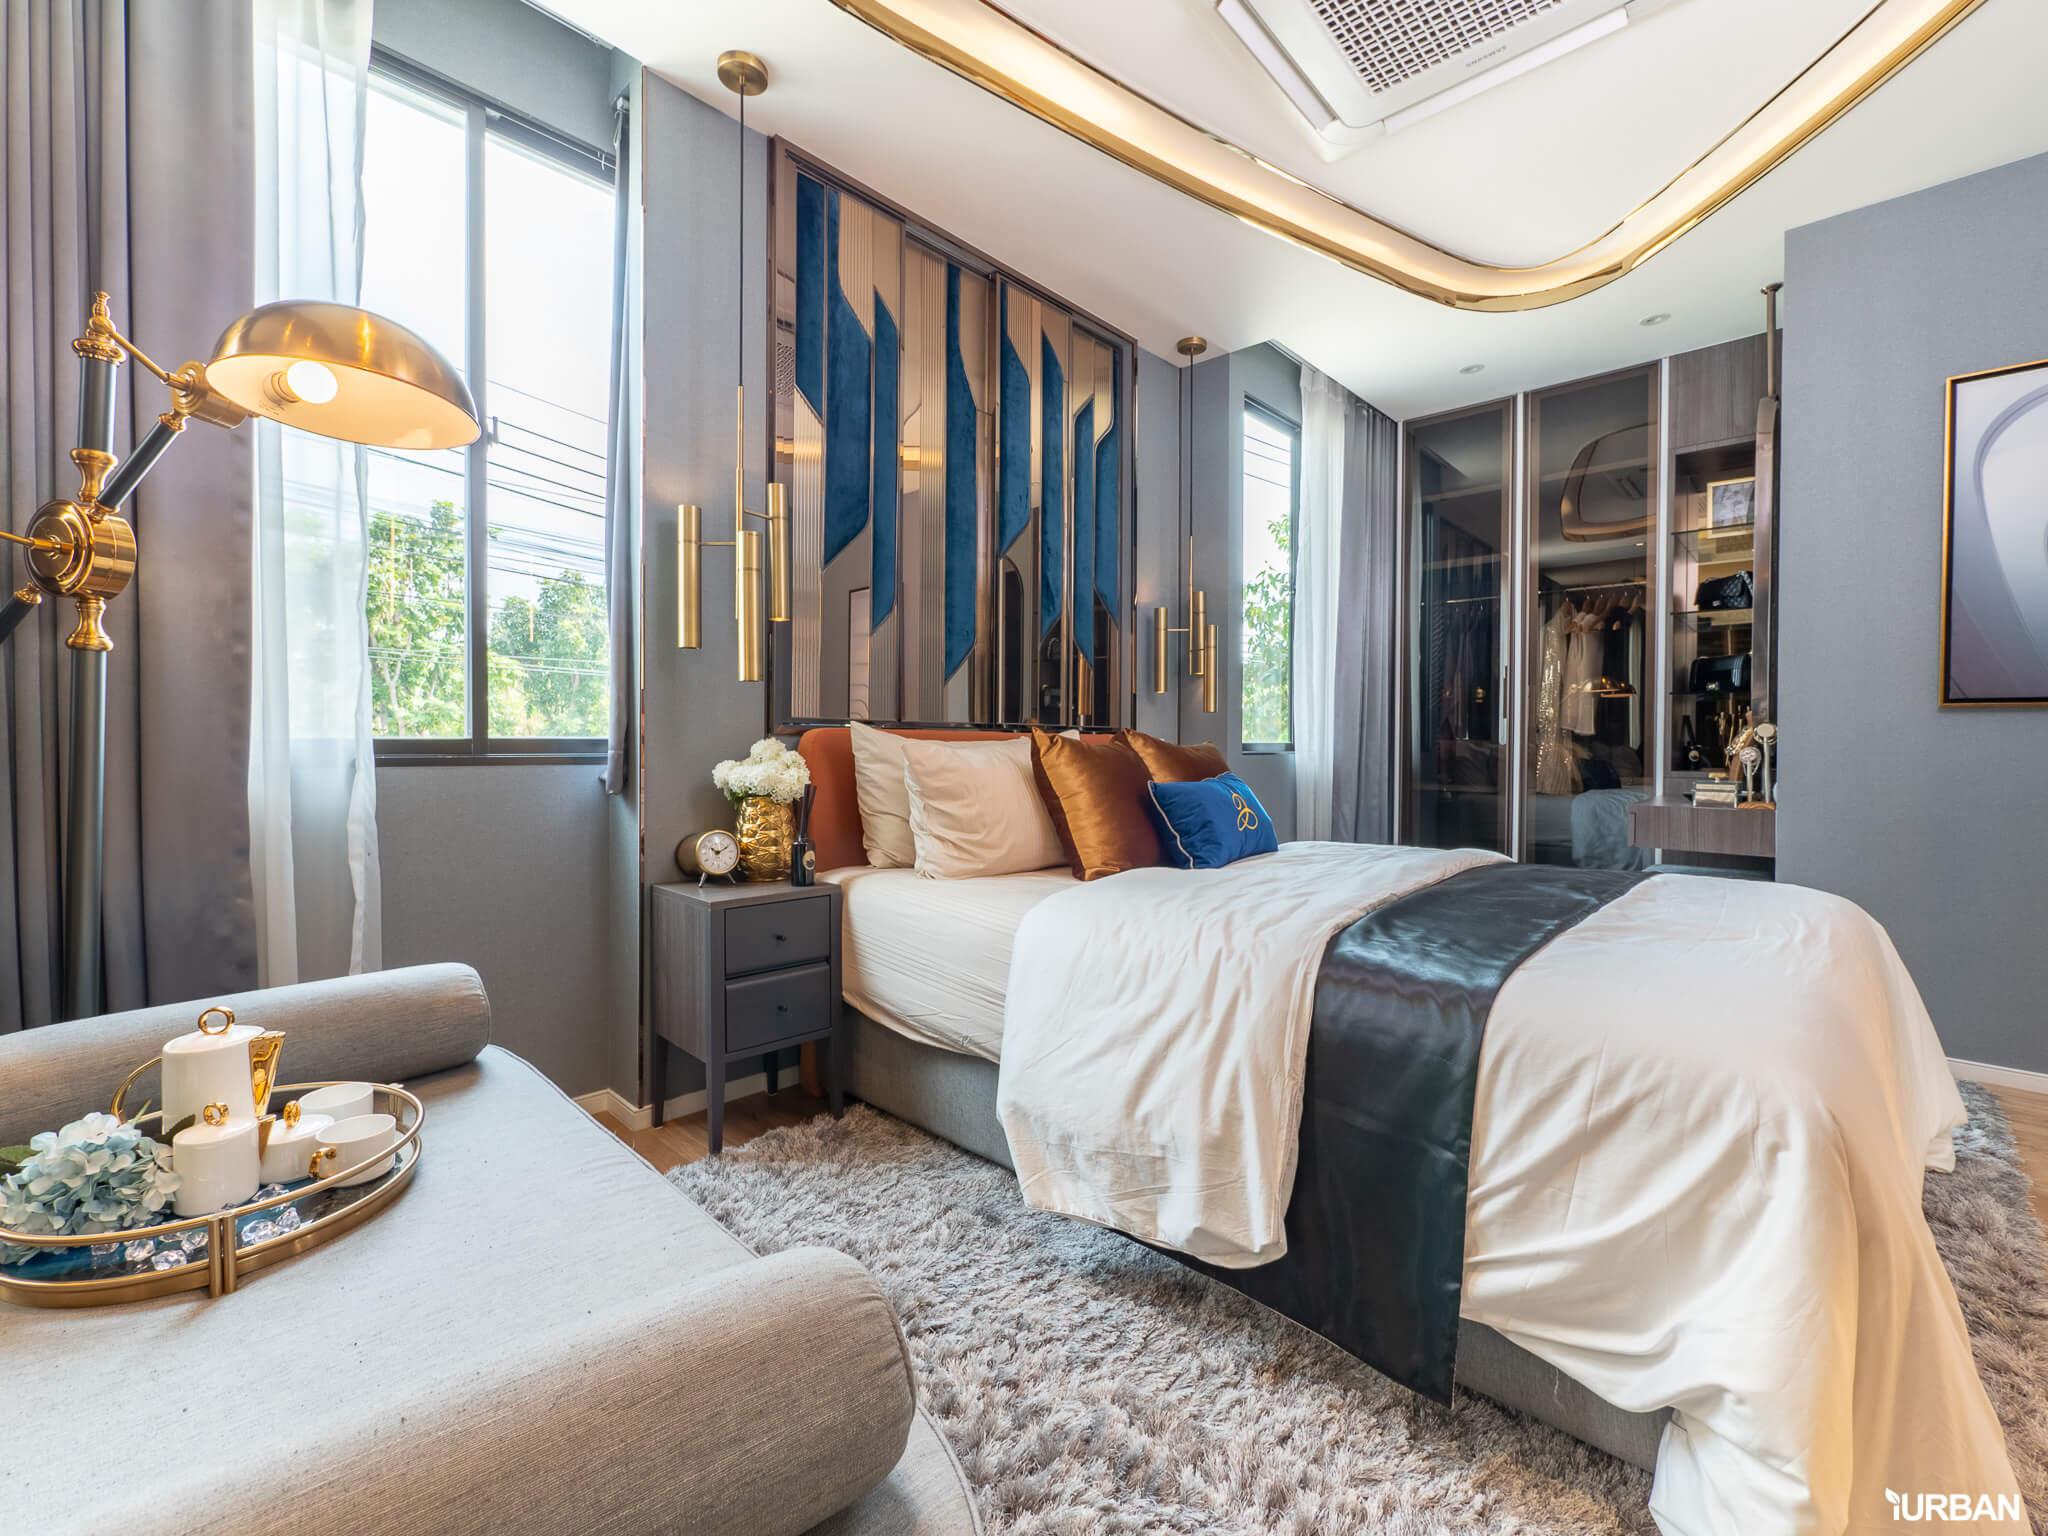 ชมบ้านจริง PLENO ดอนเมือง-สรงประภา พรีเมียมทาวน์โฮมคุ้มราคา ยกระดับทุกชีวิต ทำเลชิดรถไฟฟ้า 32 - AP (Thailand) - เอพี (ไทยแลนด์)